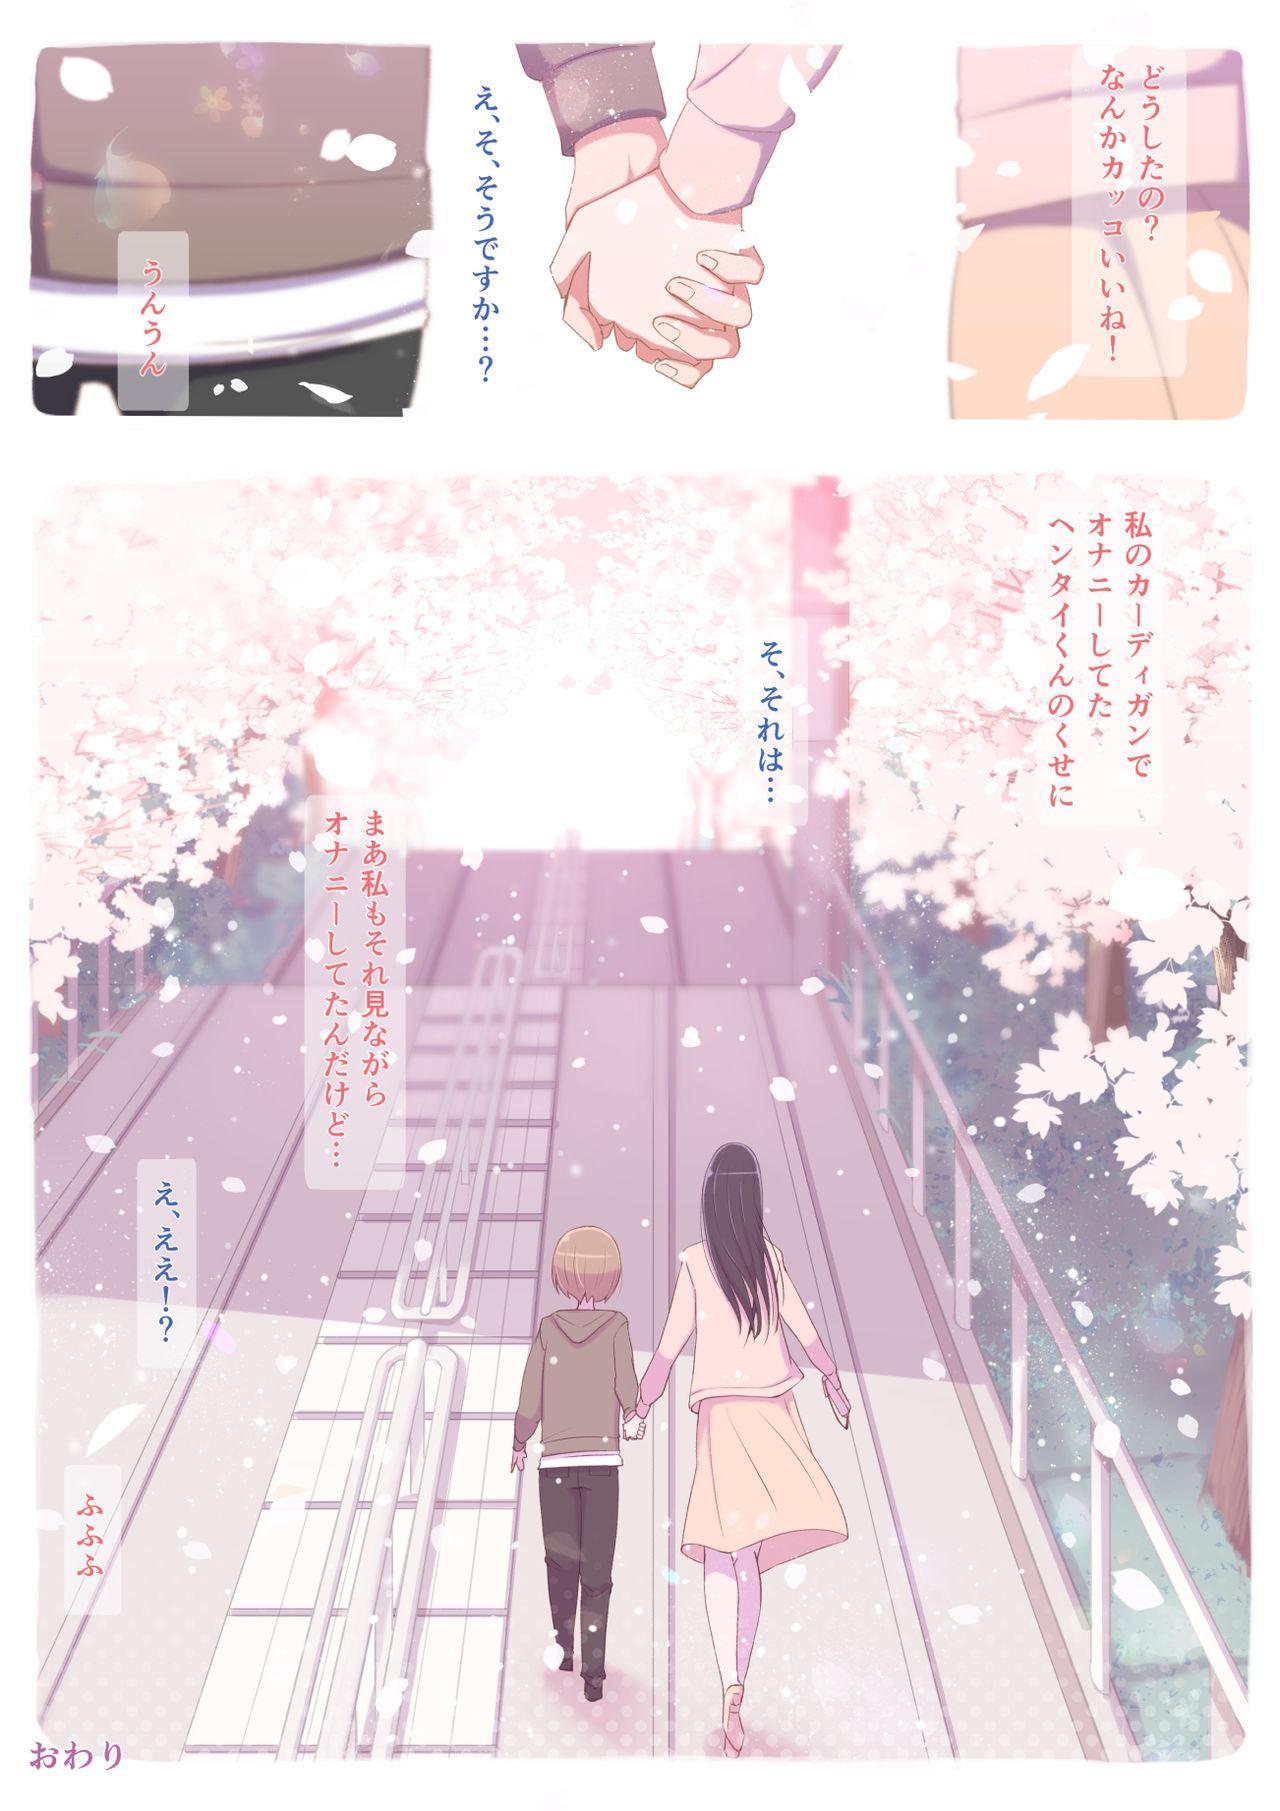 Haru-kun to Yukina Senpai 74